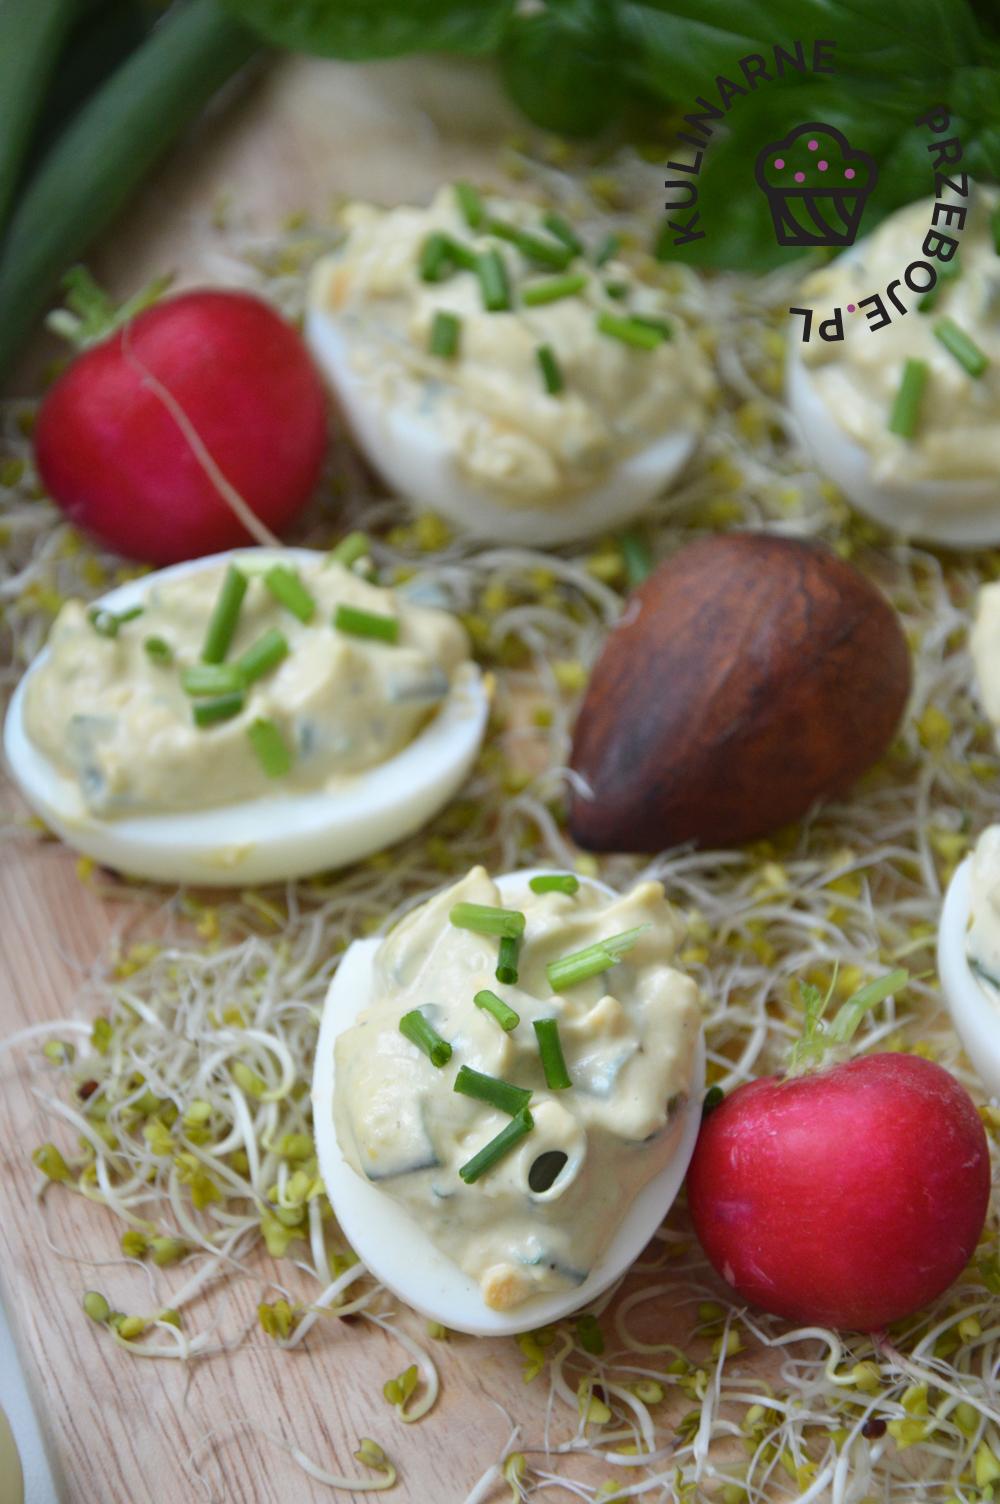 jajka z awokado na wielkanoc